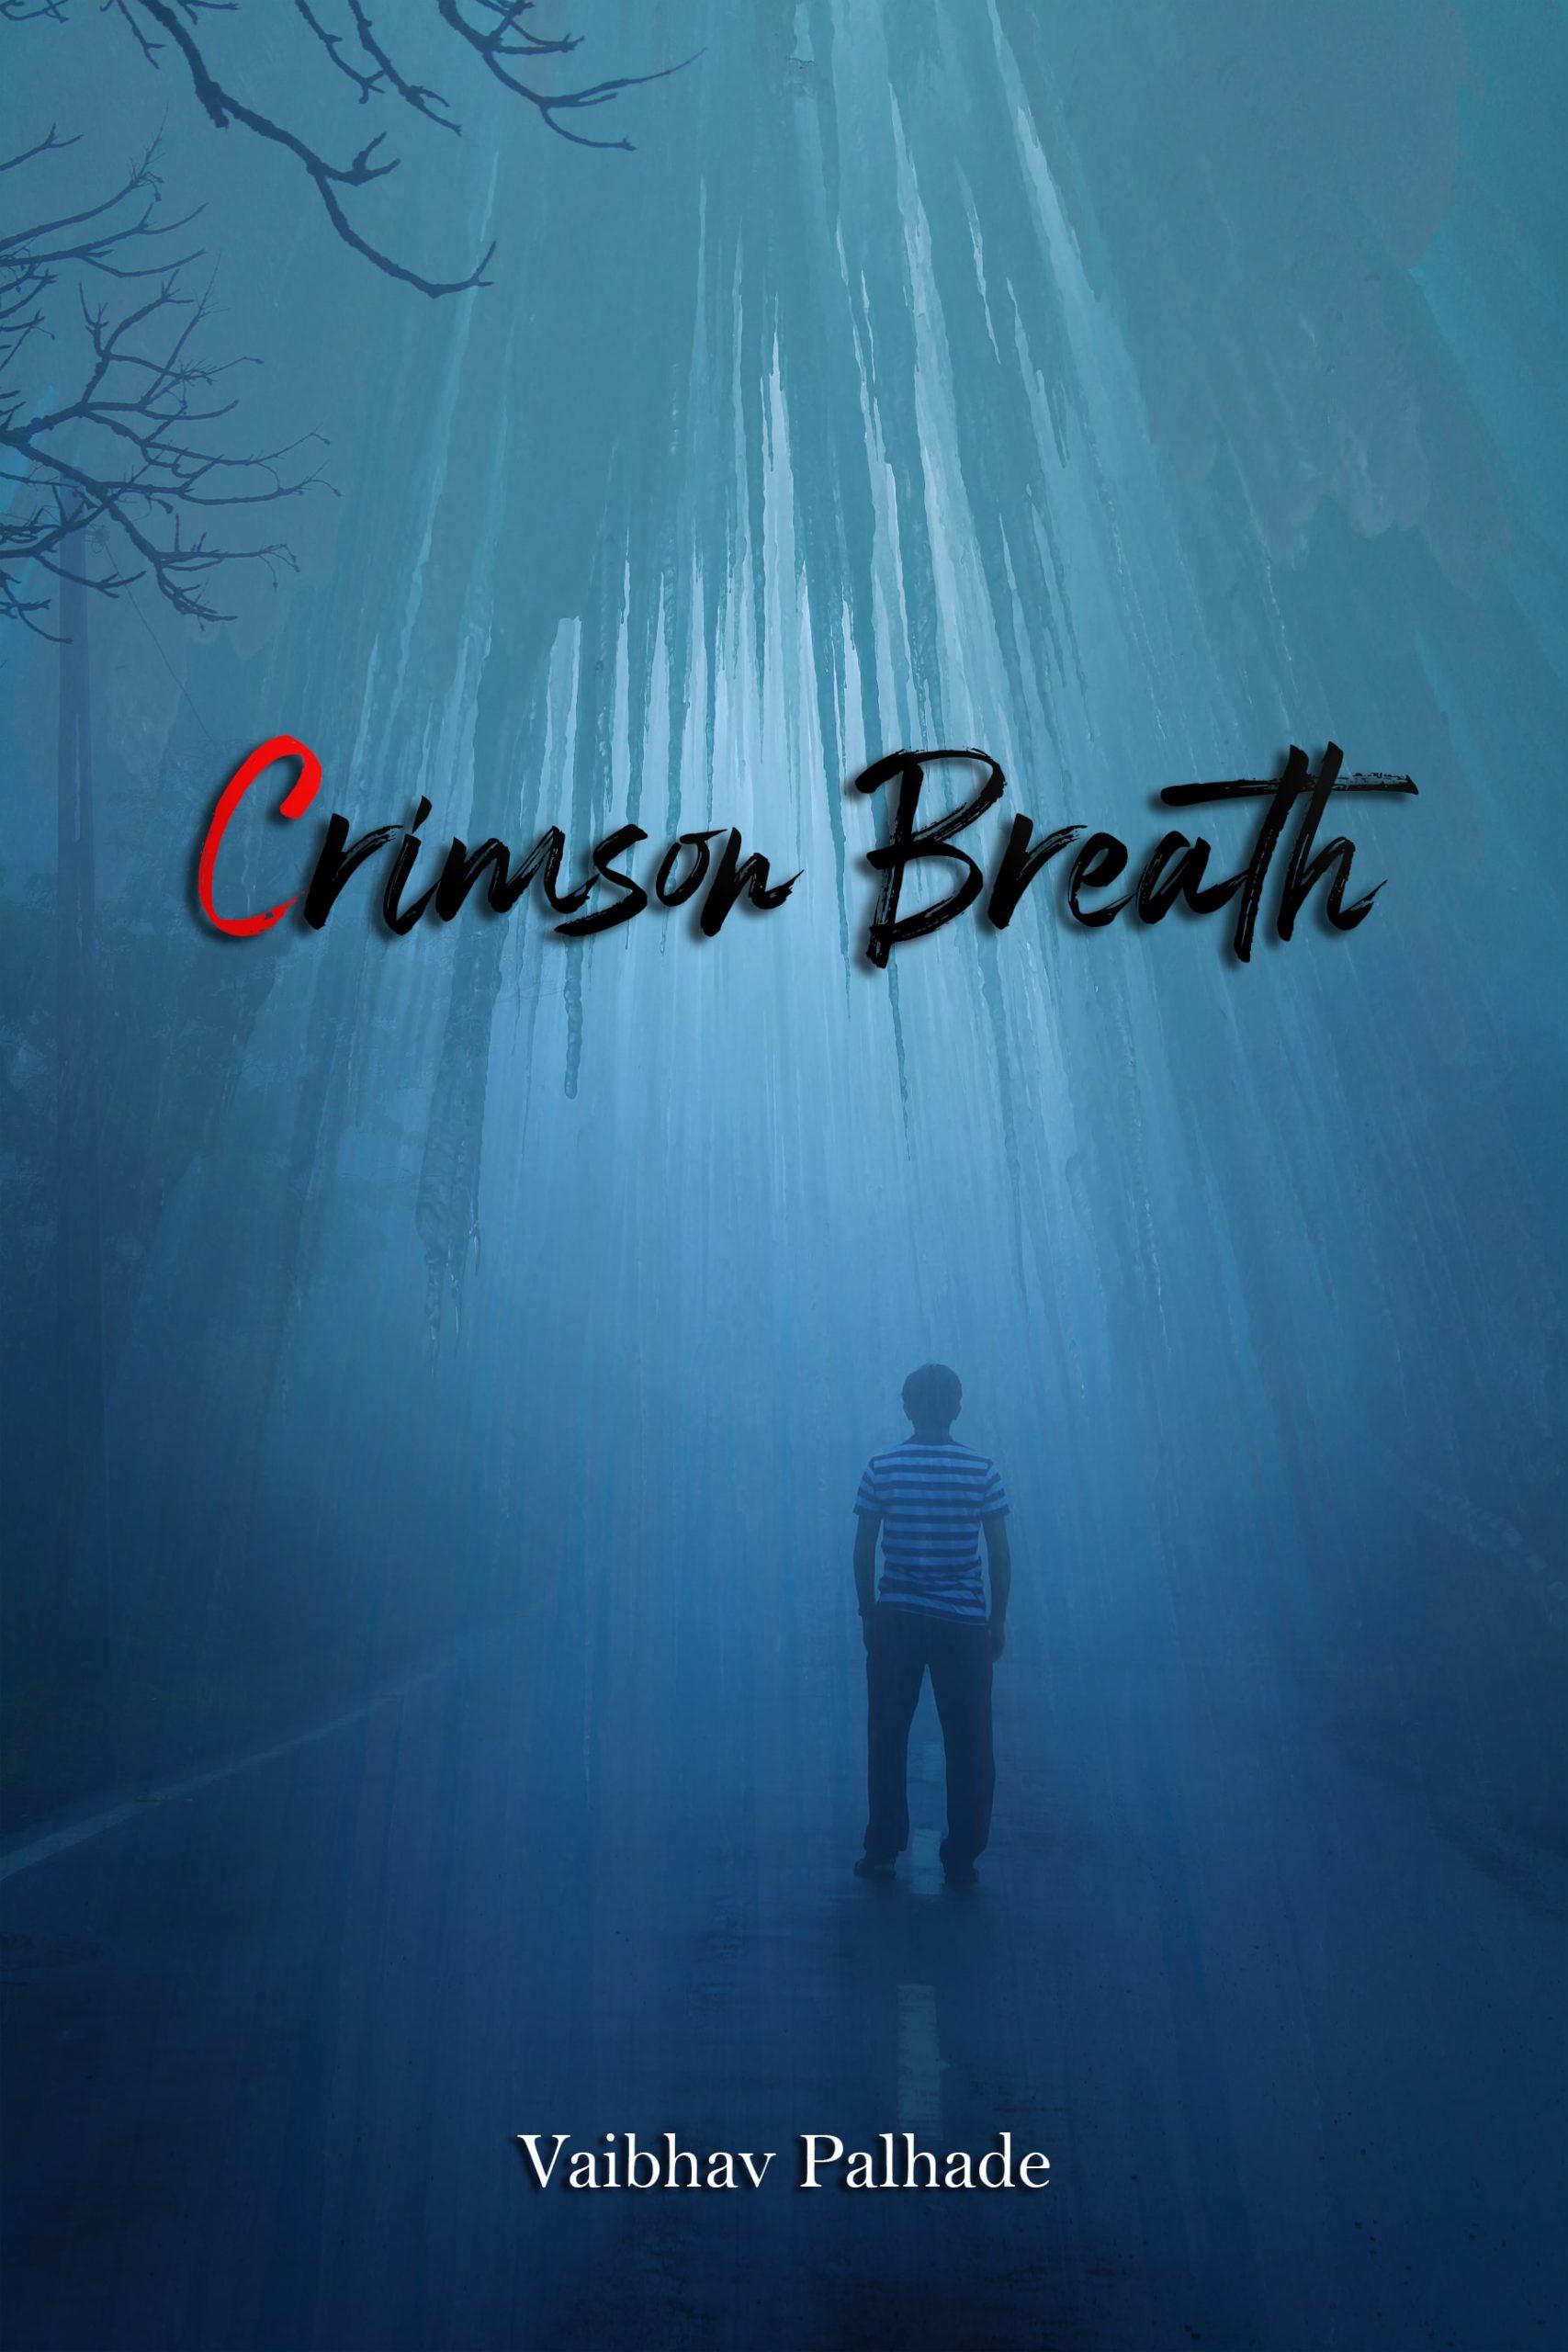 Crimson Nreath Novel By Vaibhav Palhade